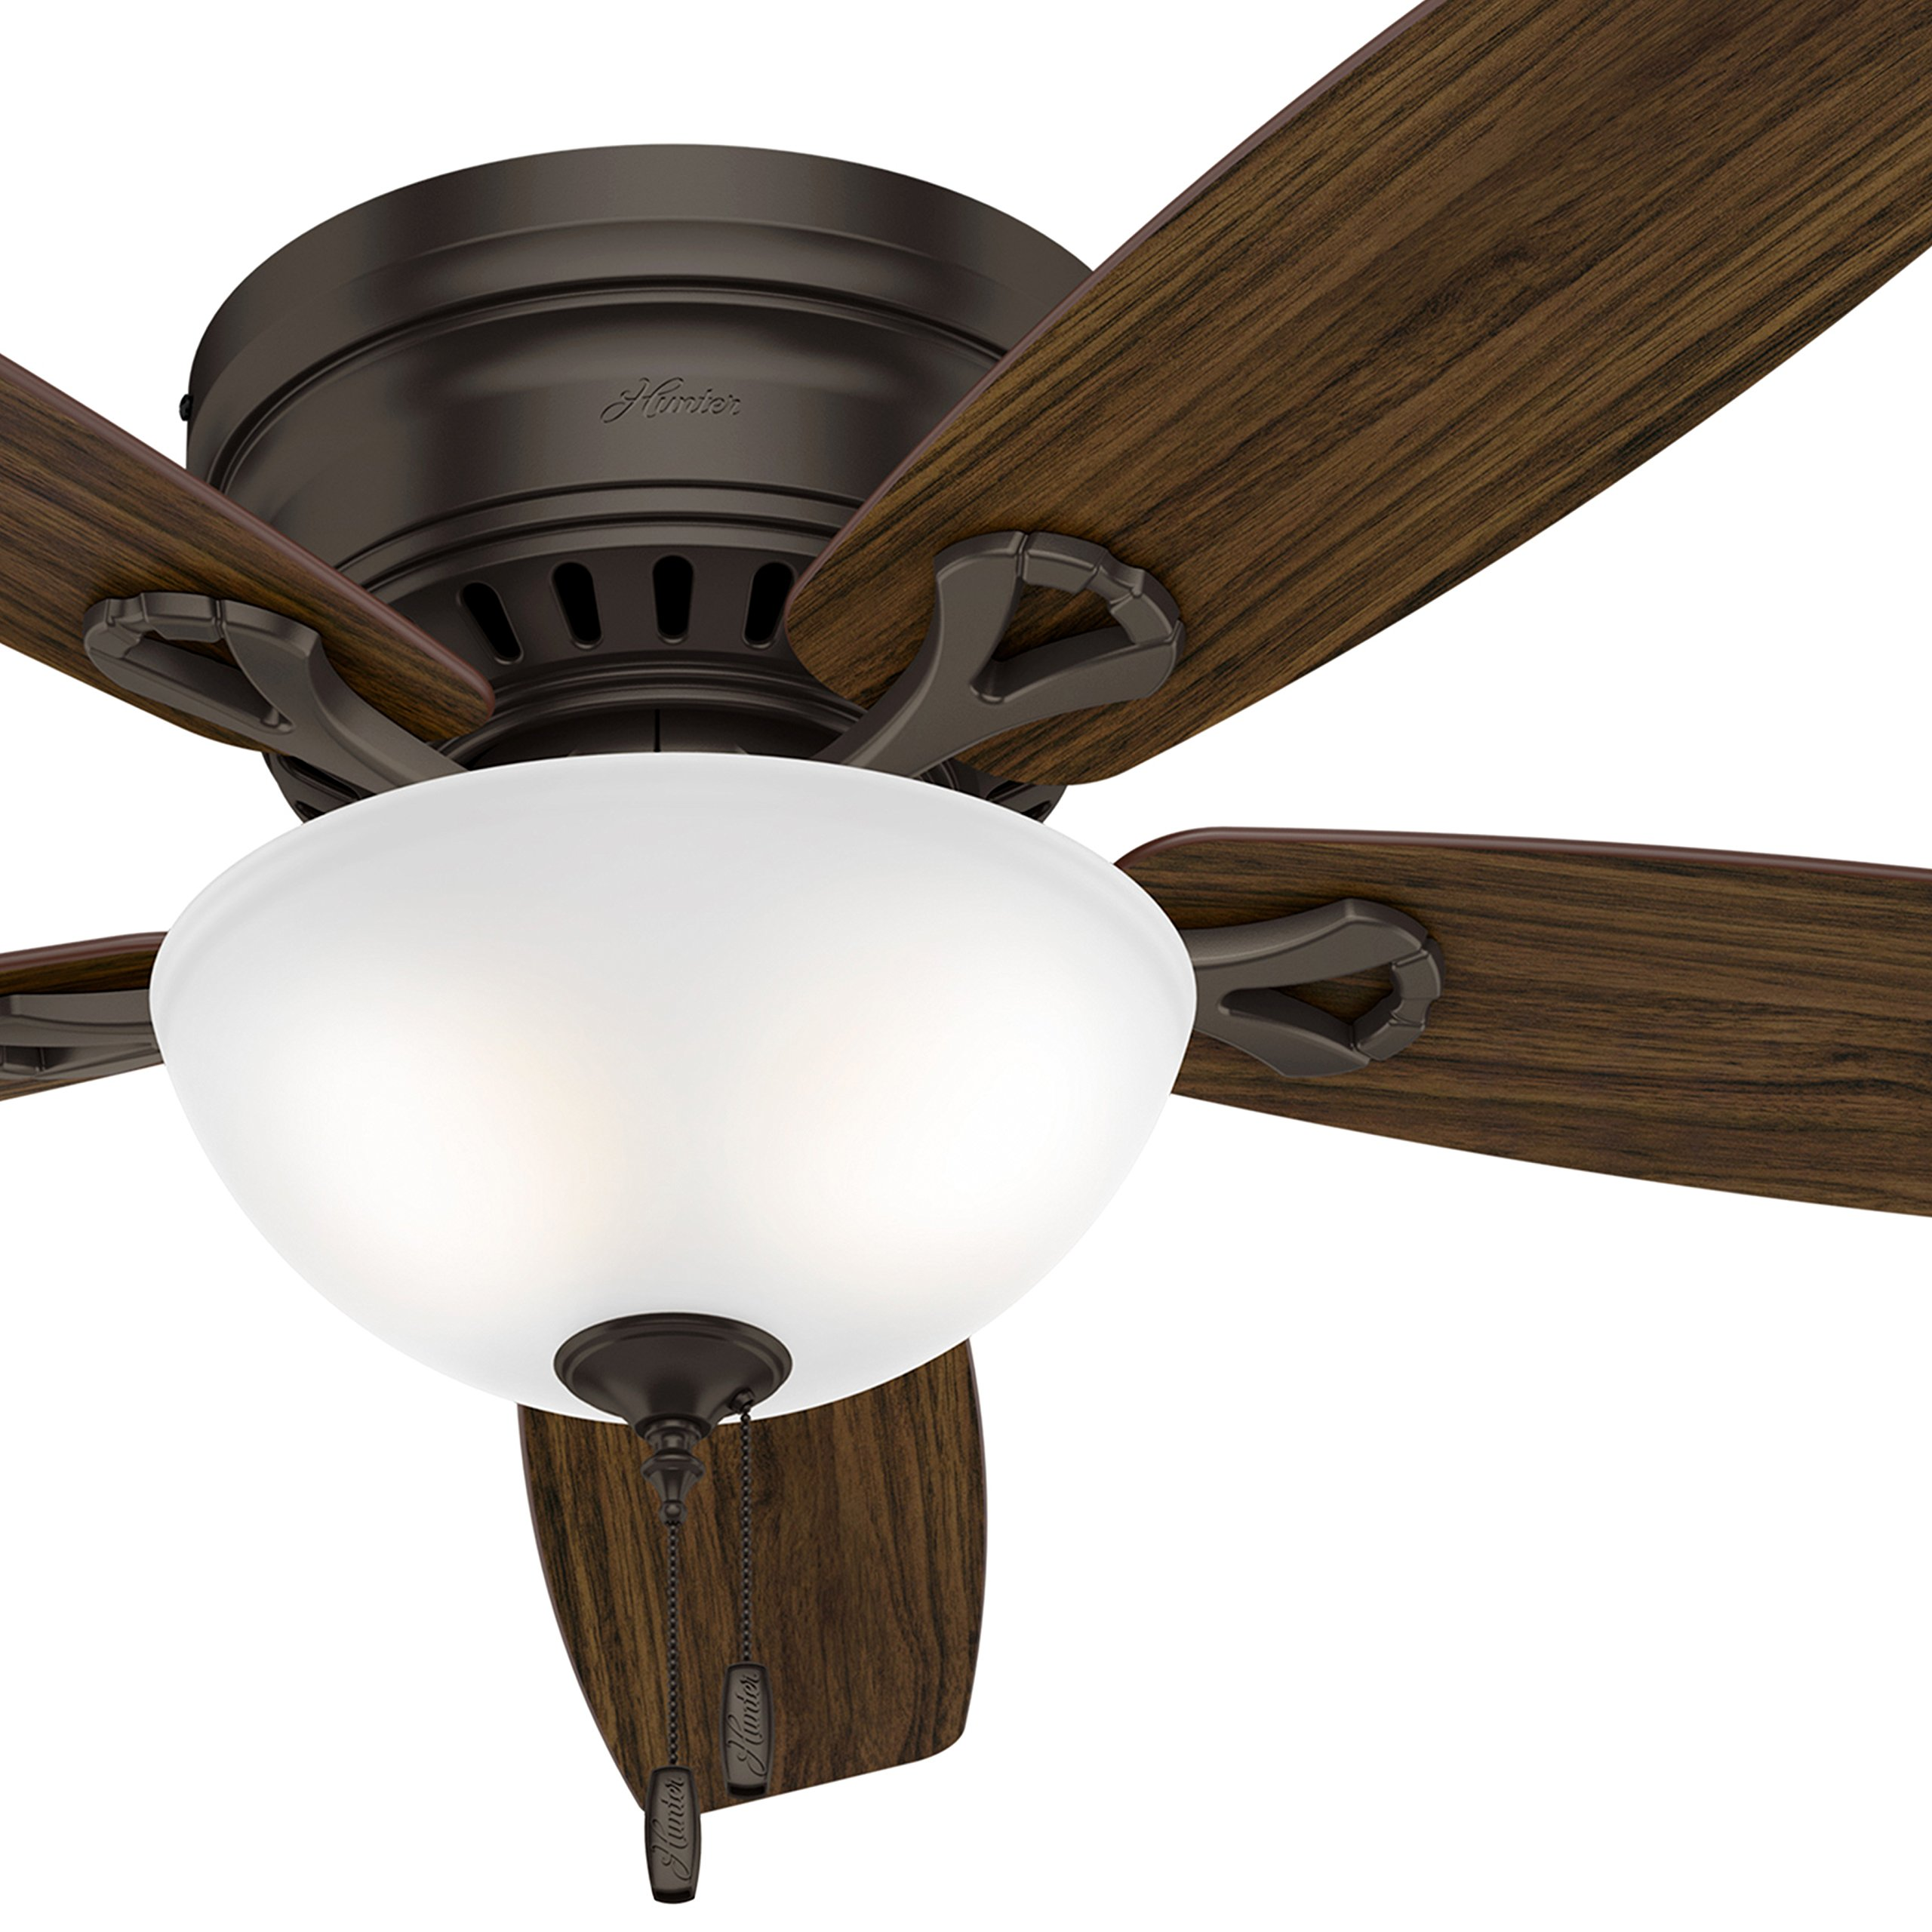 Hunter Fan 52 in. Low Profile Ceiling Fan in Premier Bronze with Bowl LED Light Kit (Certified Refurbished)